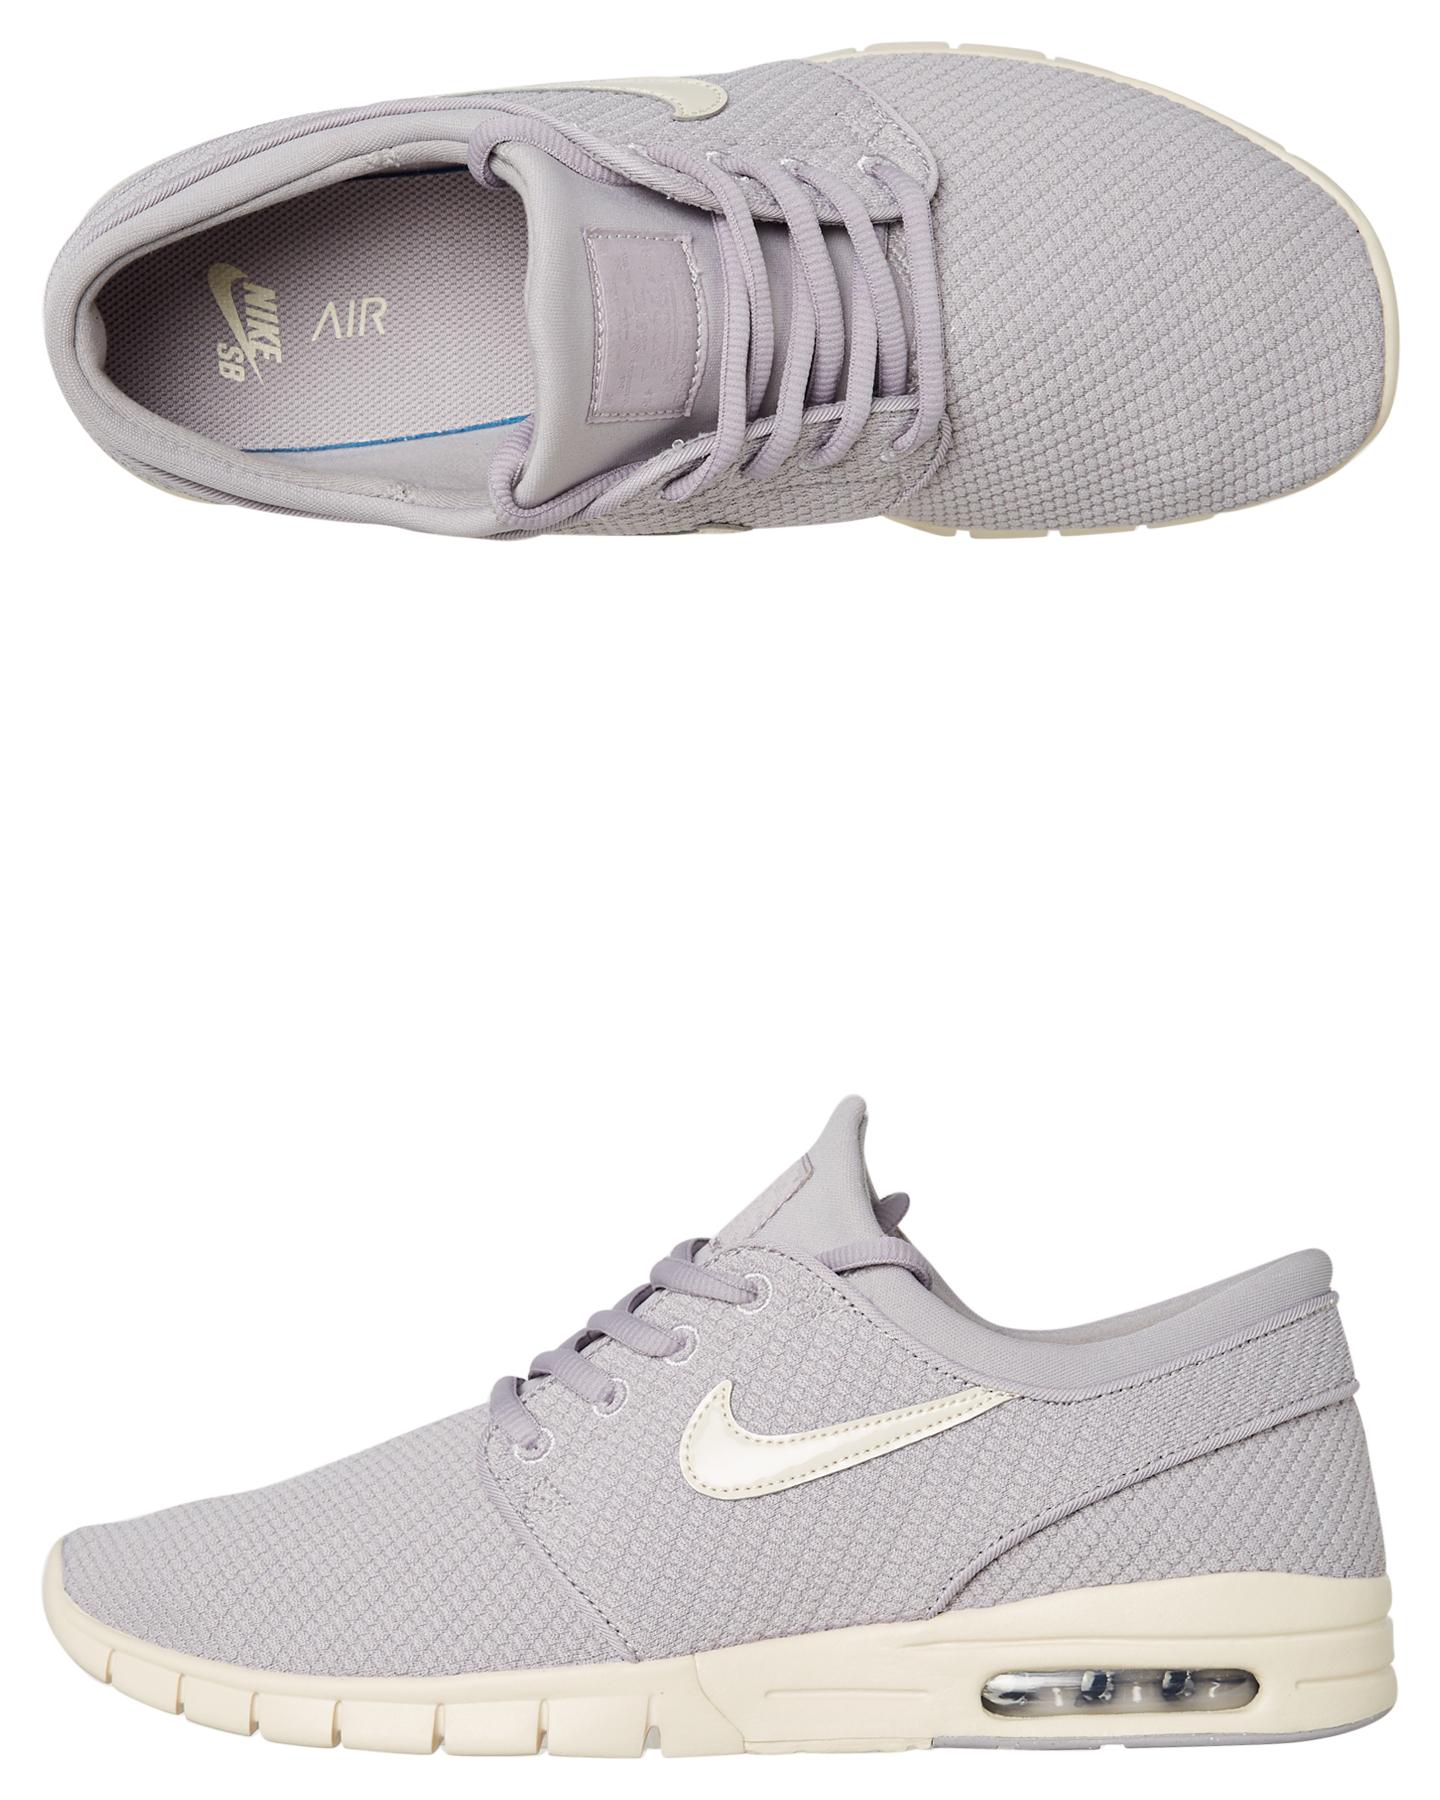 bd4e47bd1b Nike Womens Stefan Janoski Max Shoe - Atmosphere Grey | SurfStitch